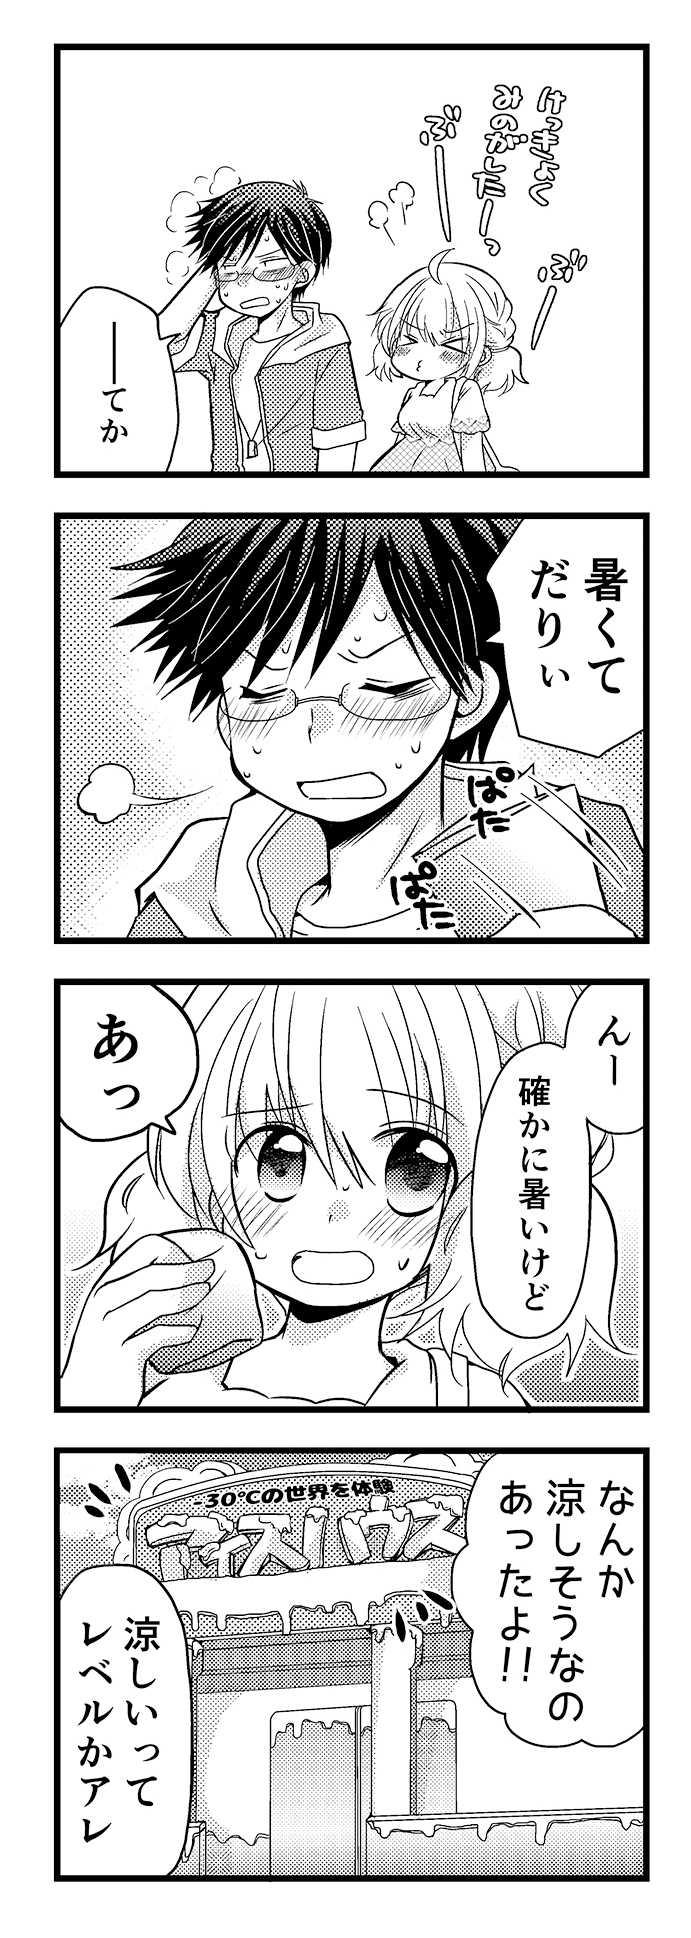 18「さくらとSMILE(9)」